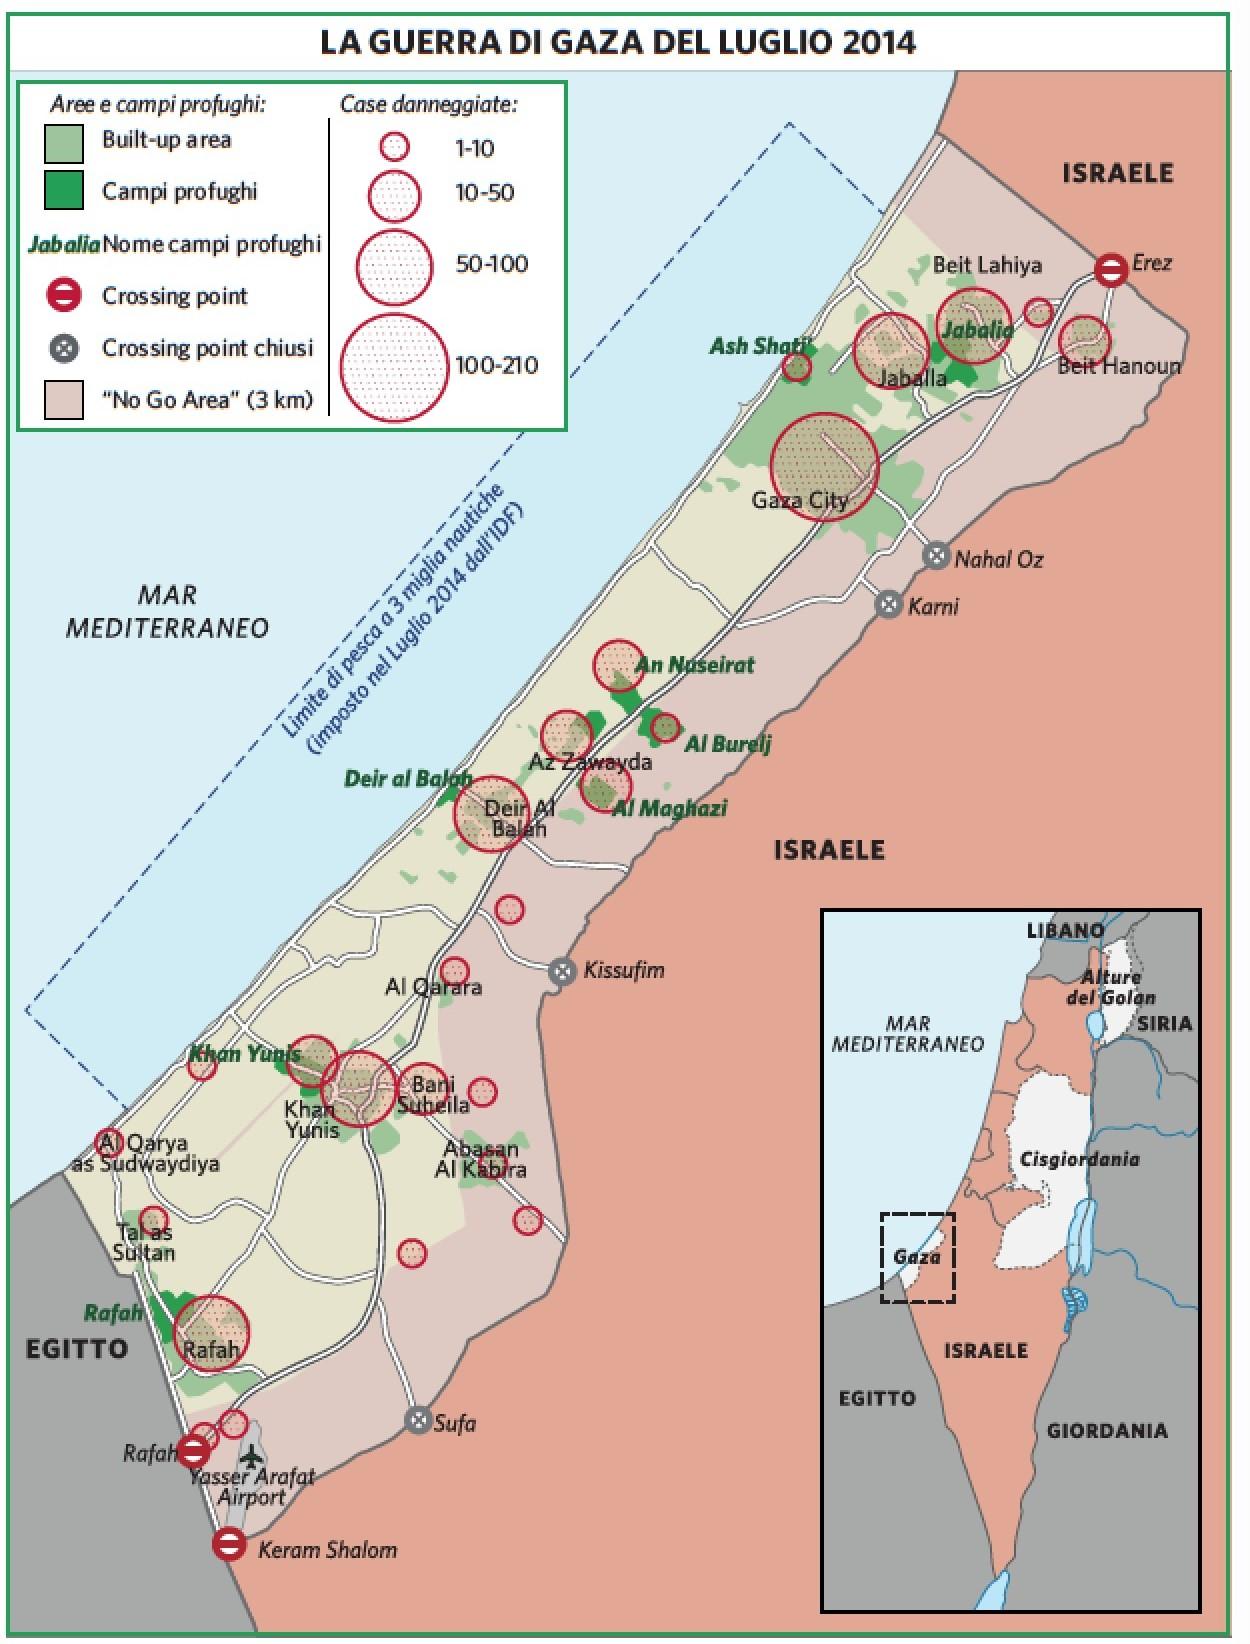 Cartina Muta Della Palestina.Palestina In Atlante Geopolitico